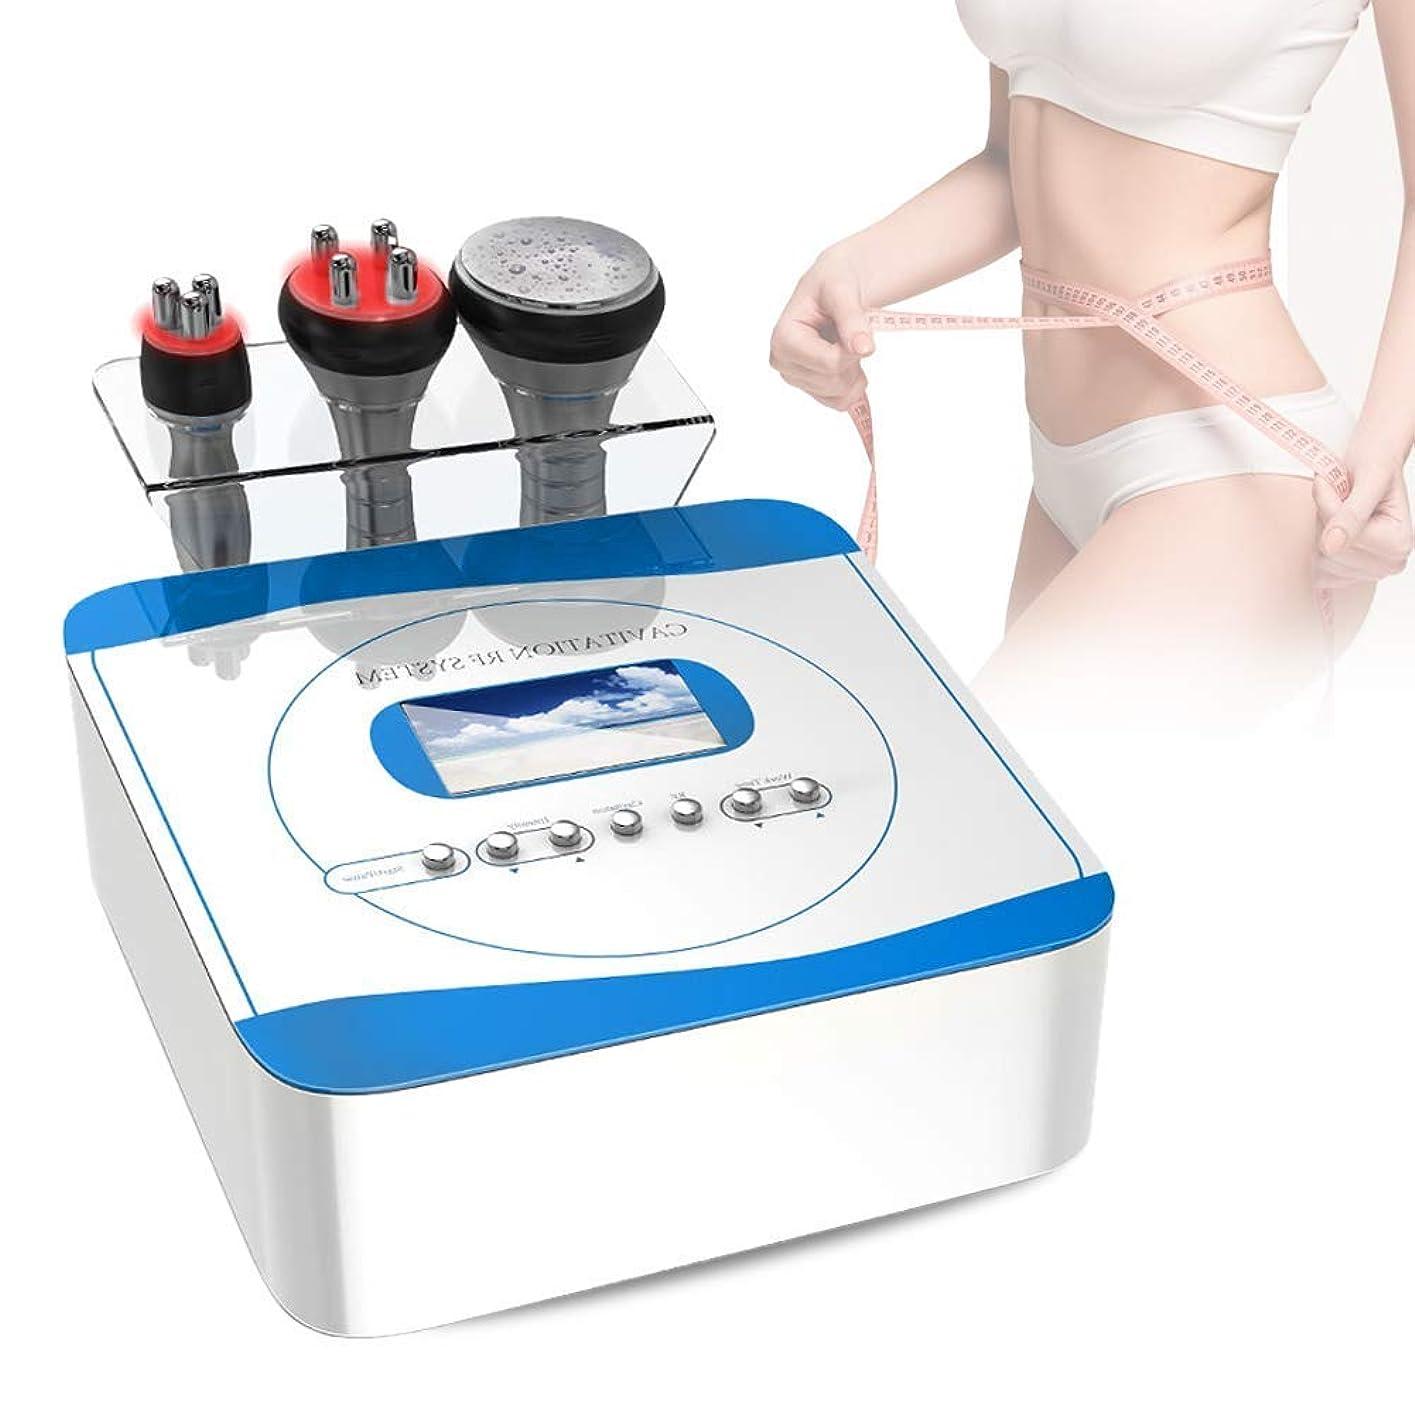 カリング最も早い感度脂肪除去機、腰、腕、腹、脚のためのリフティング美容機を引き締める1ボディマッサージ脂肪除去肌に3